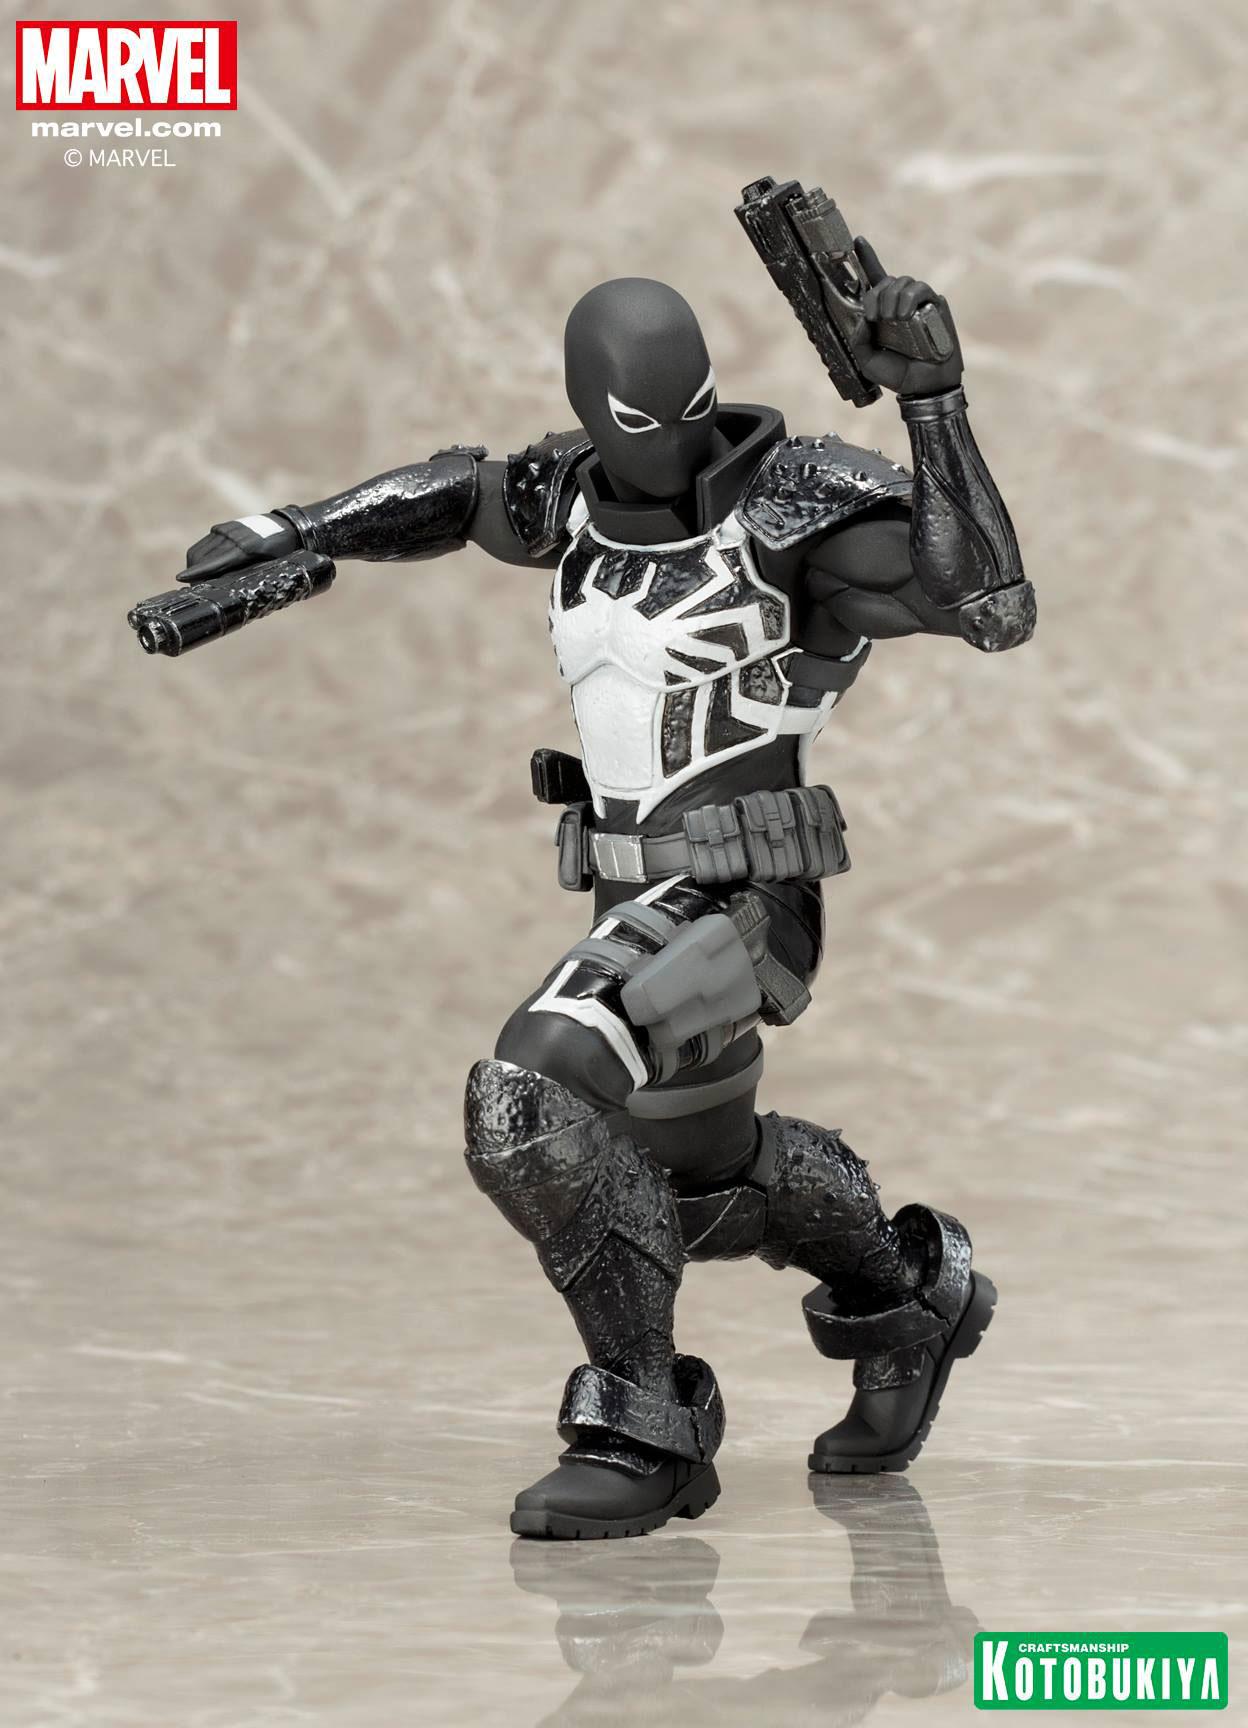 kotobukiya-marvel-agent-venom-statue-4